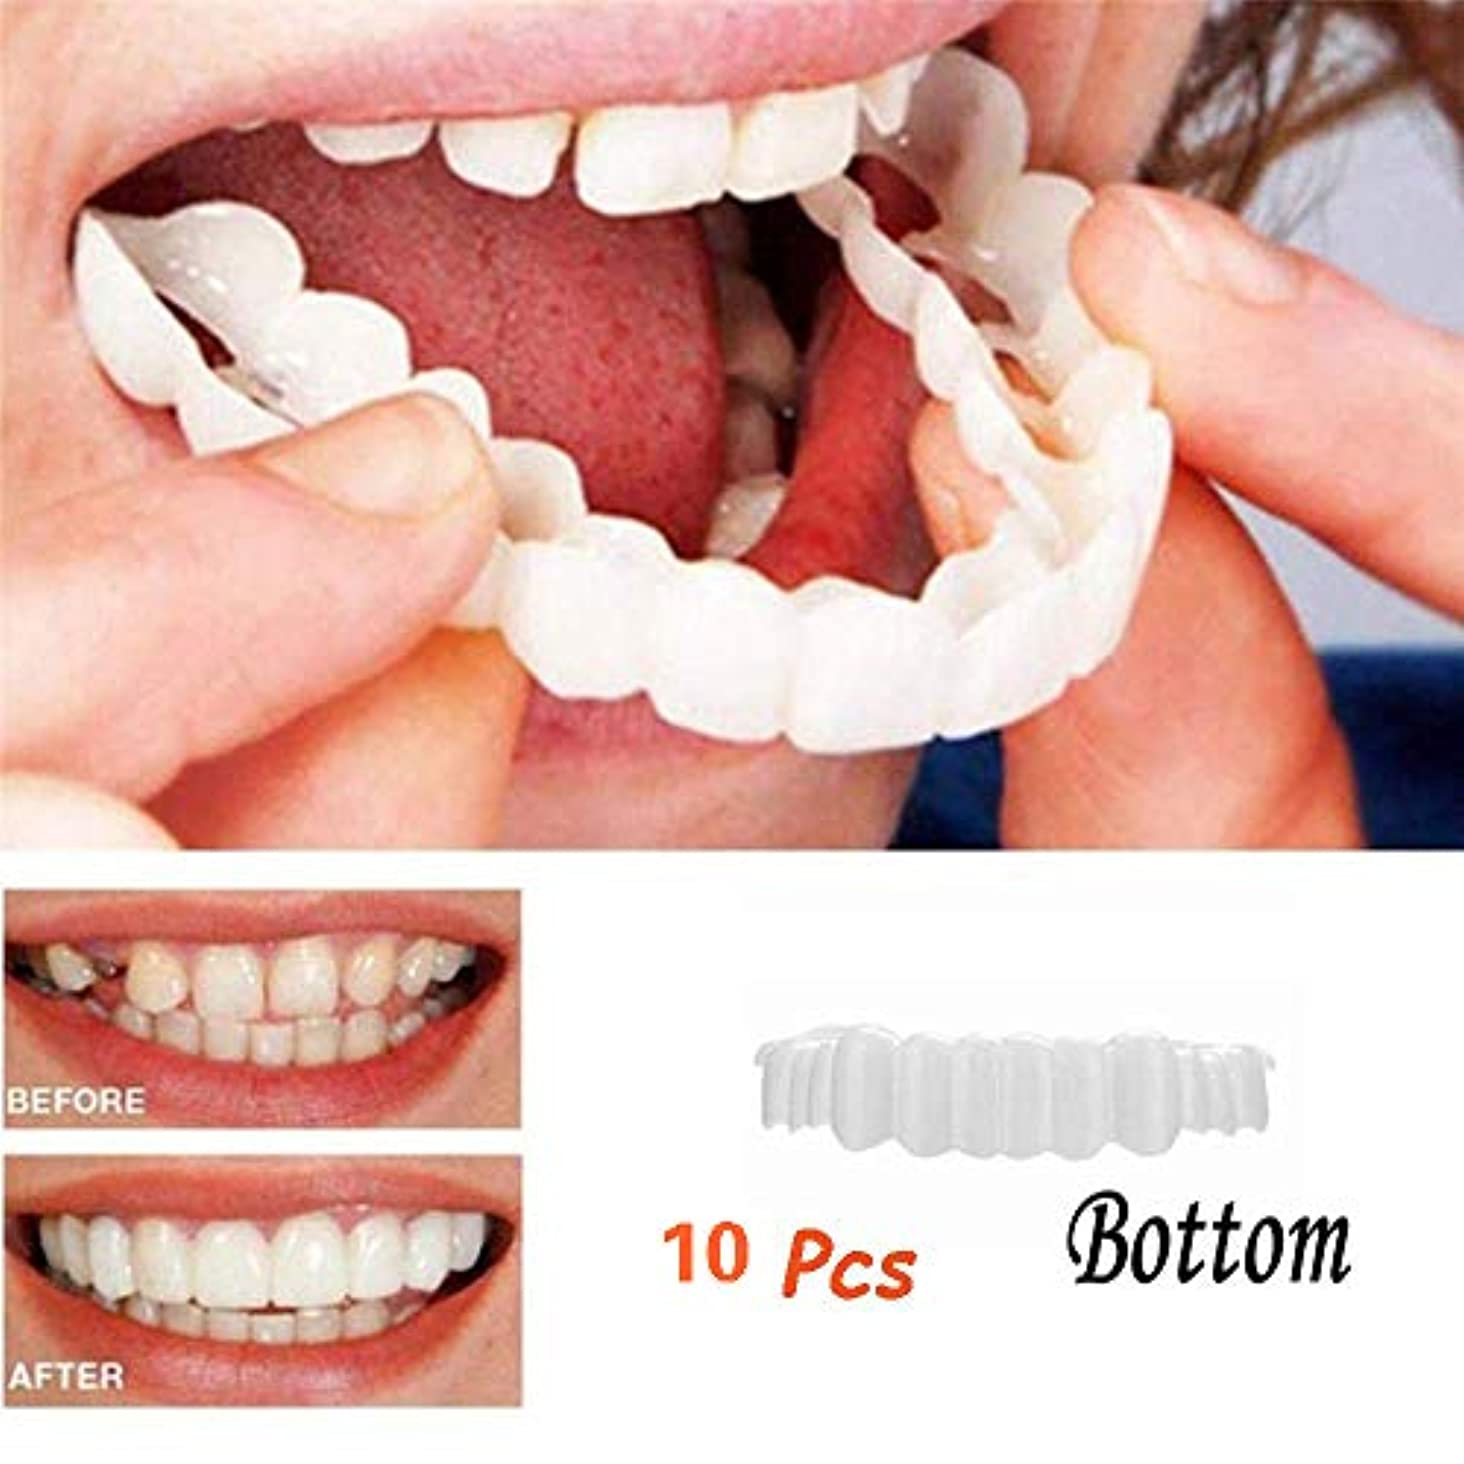 の慈悲で権限を与える意識化粧品の歯化粧品の歯科スナップスナップインスタントパーフェクトスマイルコンフォートフィットフレックス歯白い歯カバーフィット最も偽の下歯-10個